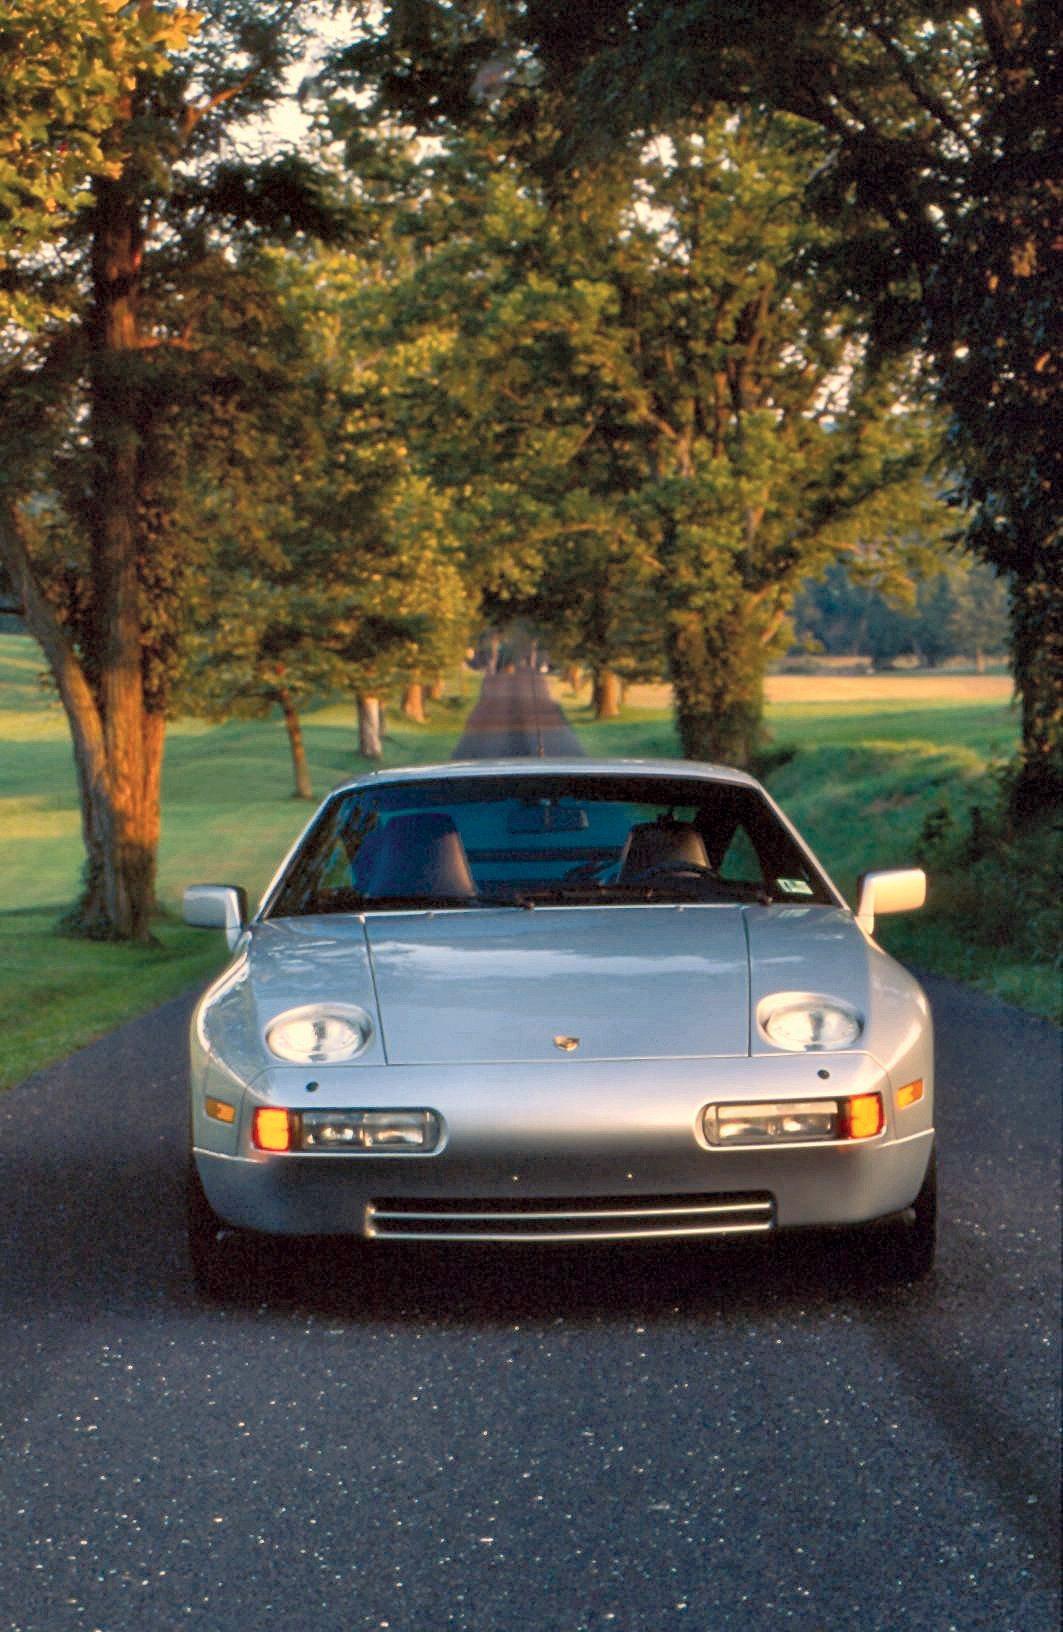 1998 Porsche 928 S4